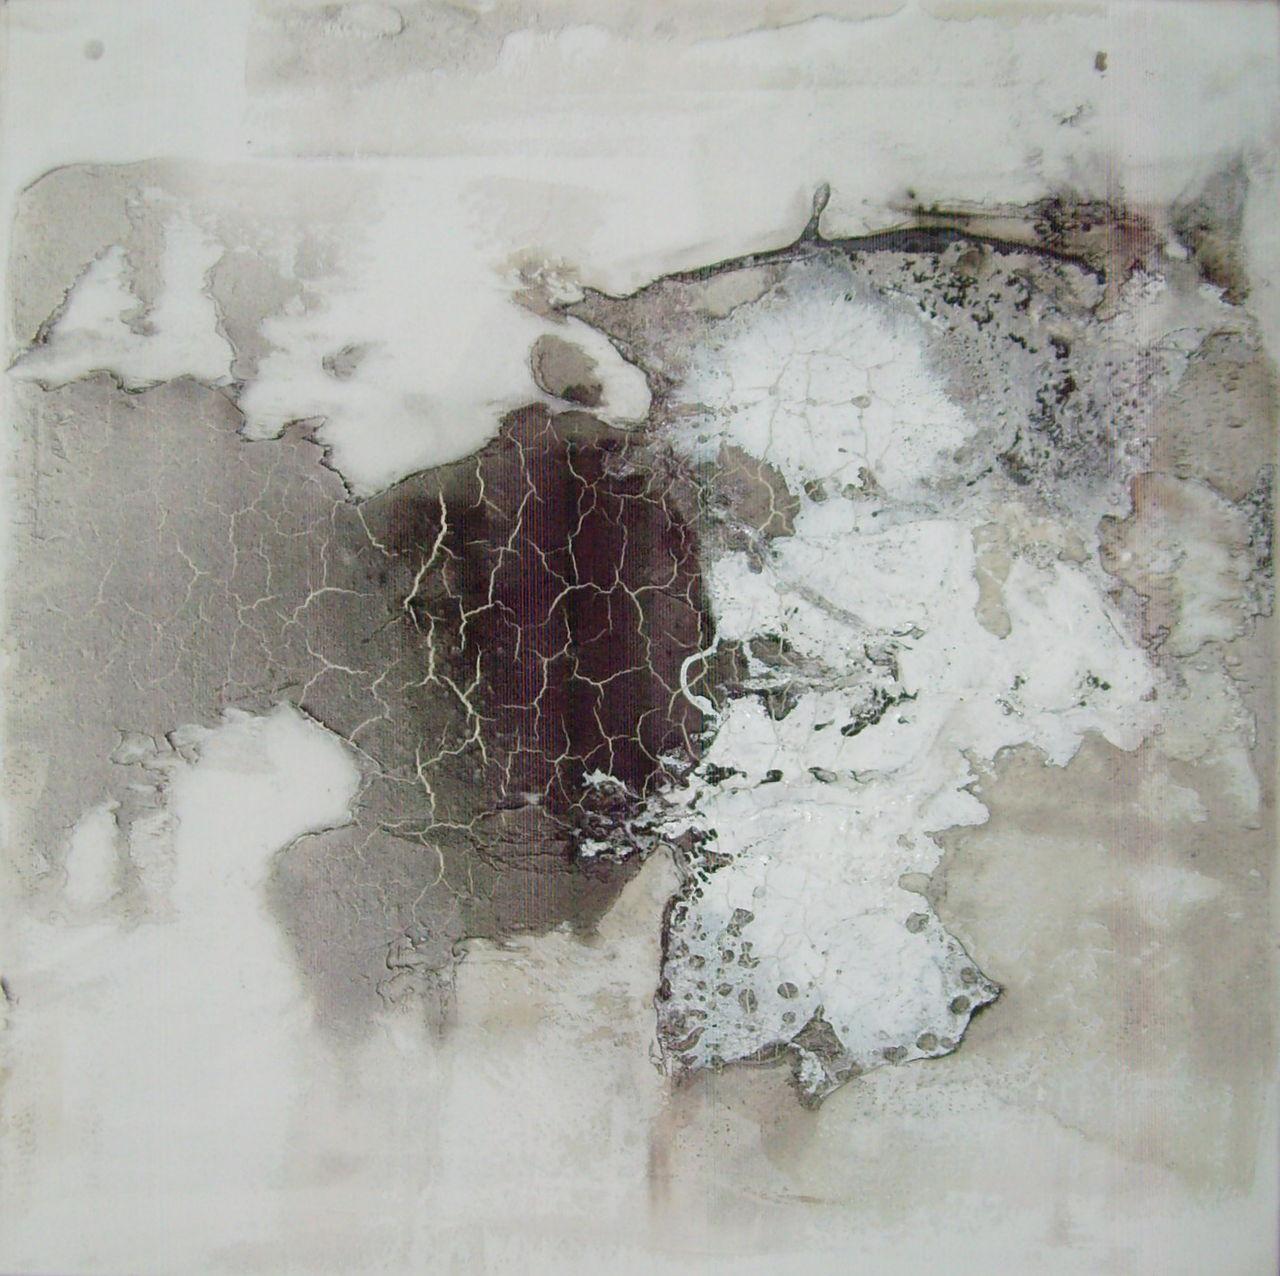 image schwarz braun marmormehl beize von martina on kunstnet. Black Bedroom Furniture Sets. Home Design Ideas